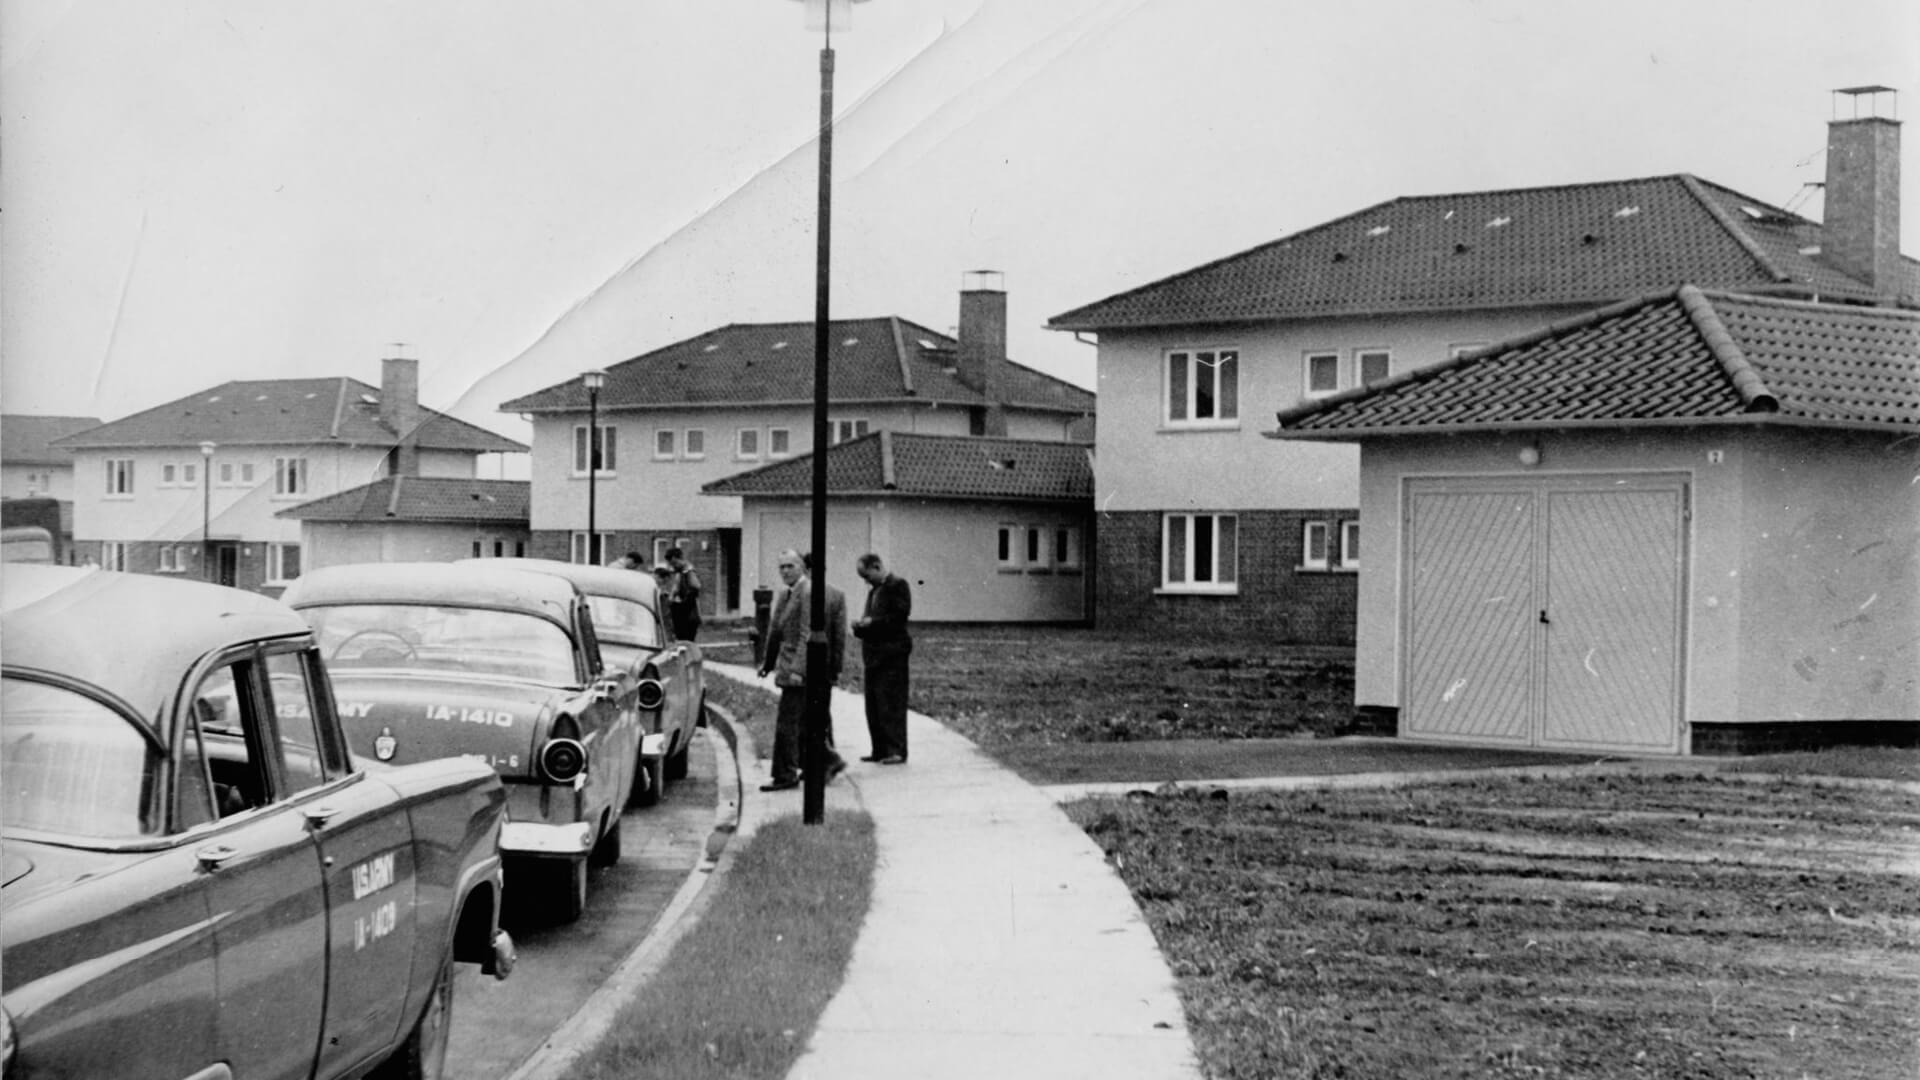 Familien-Wohnhäuser im PHV, aufgenommen 1955. © Stadtarchiv Heidelberg